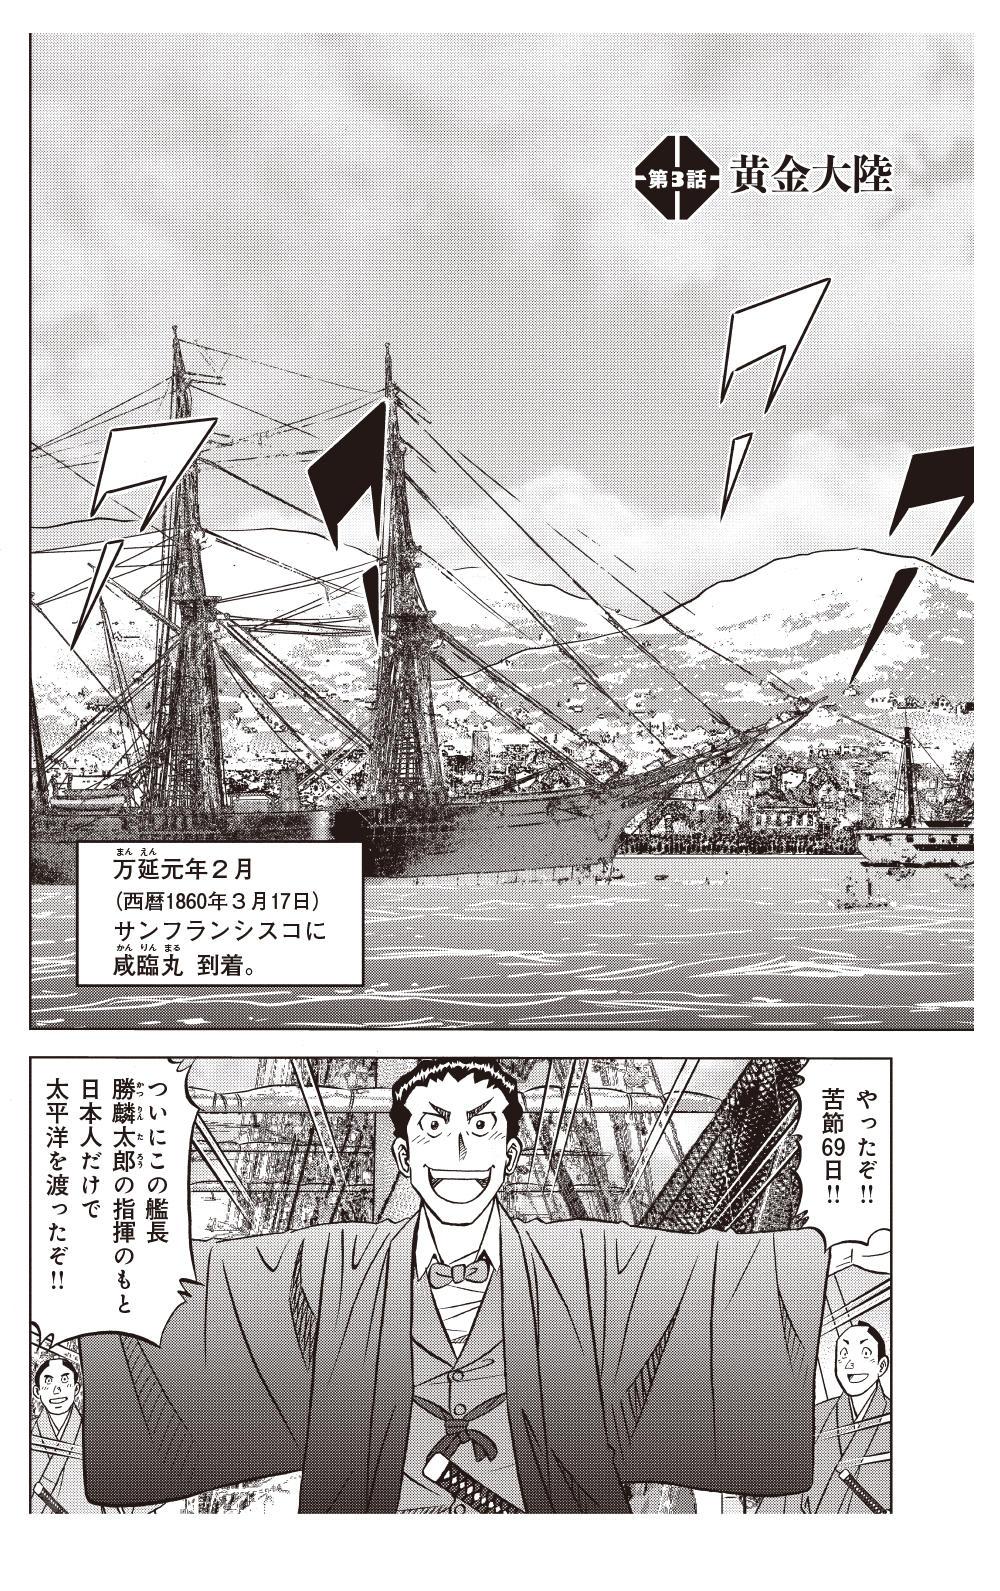 ミスター味っ子 幕末編 第3話「黄金大陸」①ajikko01-78.jpg